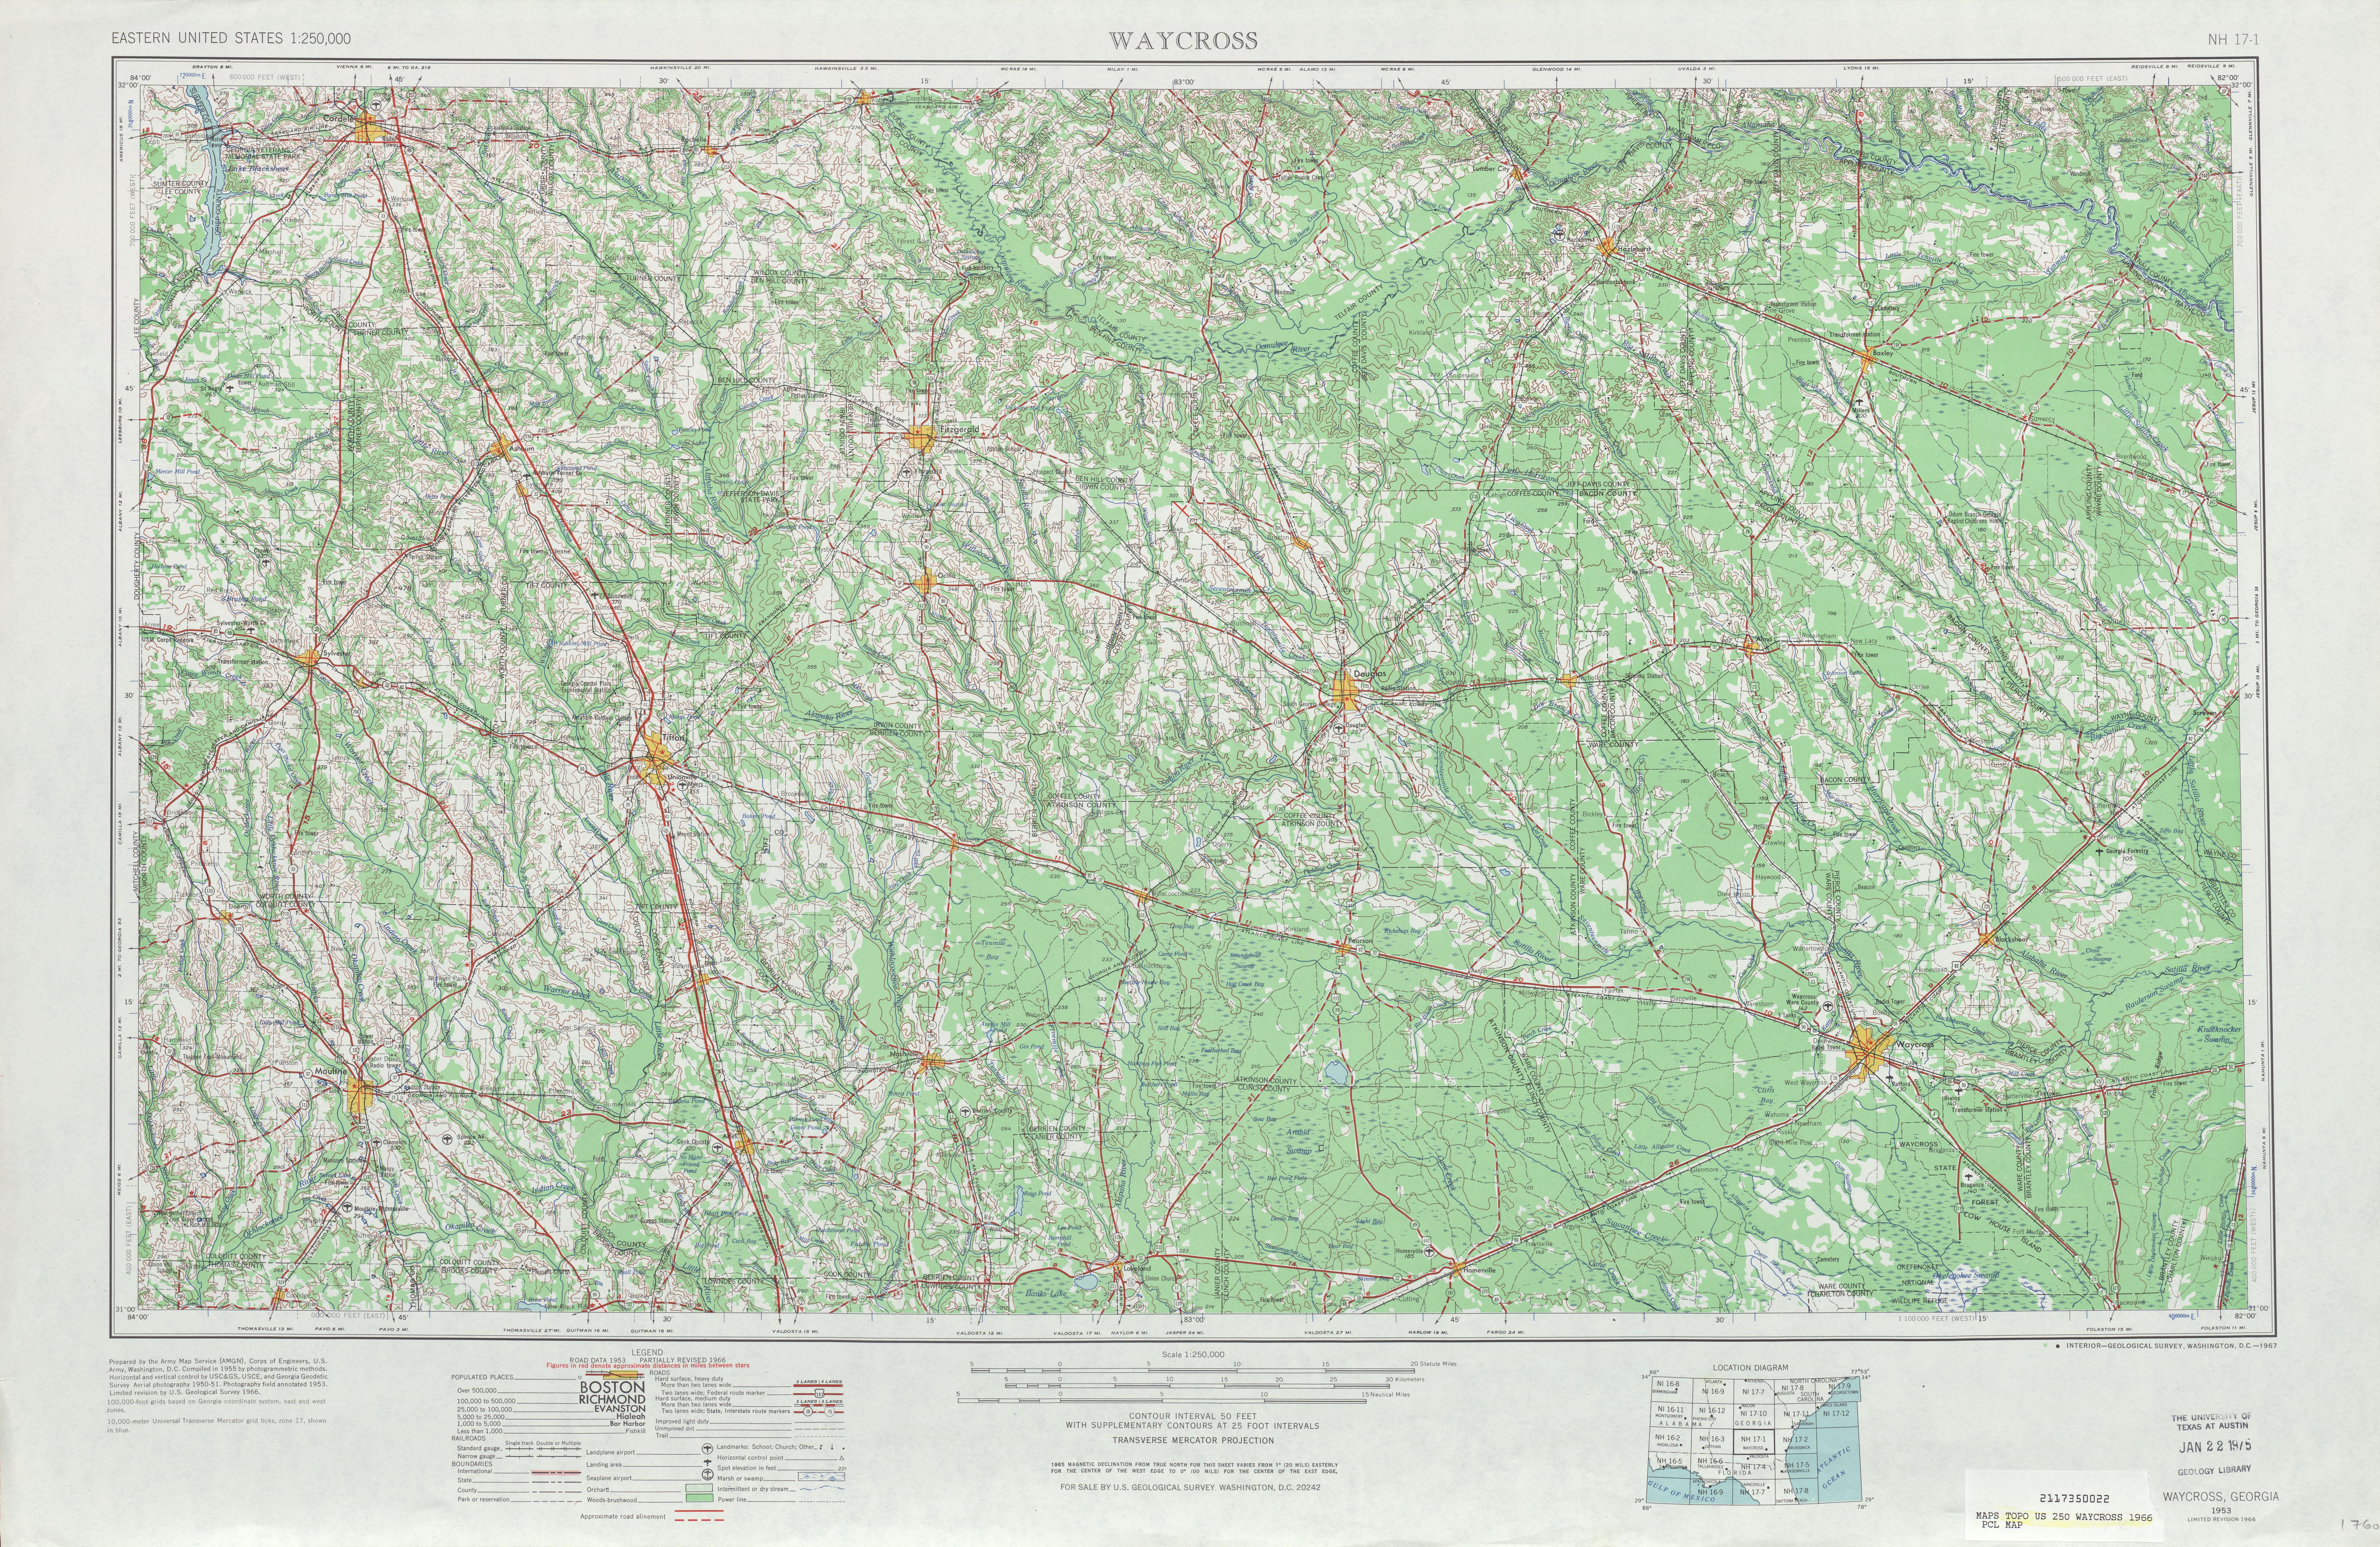 Hoja Waycross del Mapa Topográfico de los Estados Unidos 1966